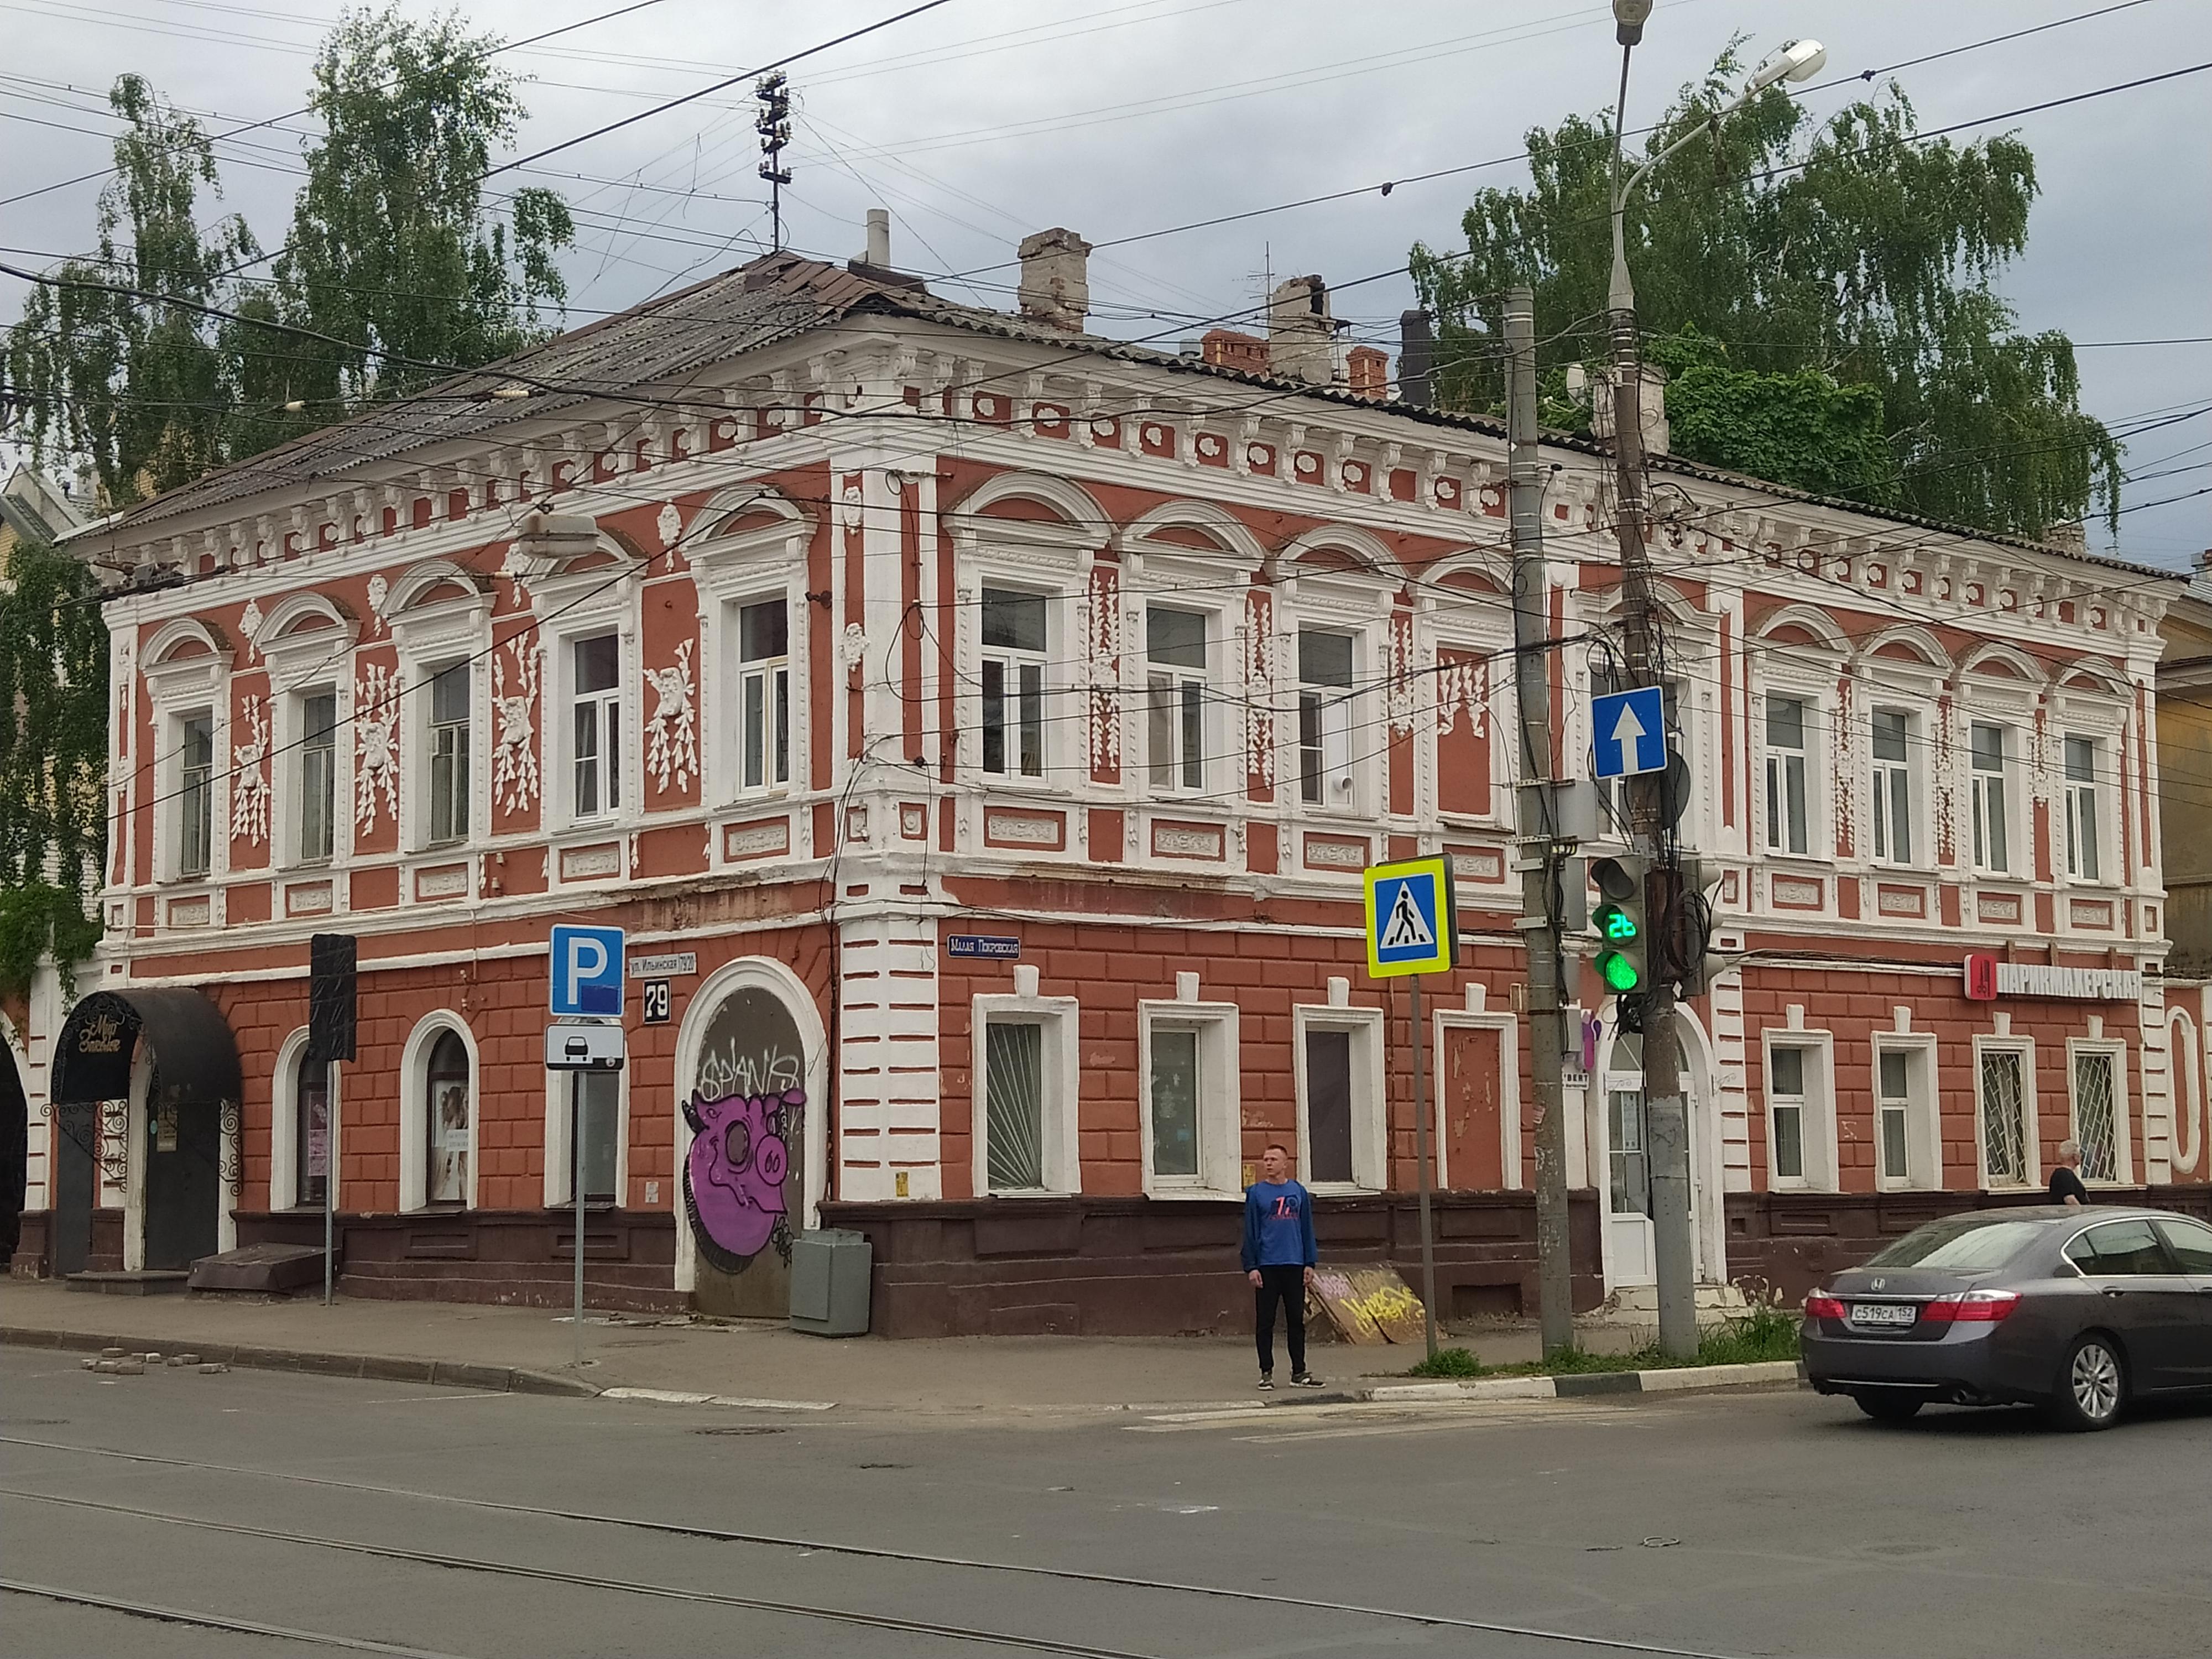 Ильинка 800: Реставрация, реновация и бесшумные трамваи - фото 1